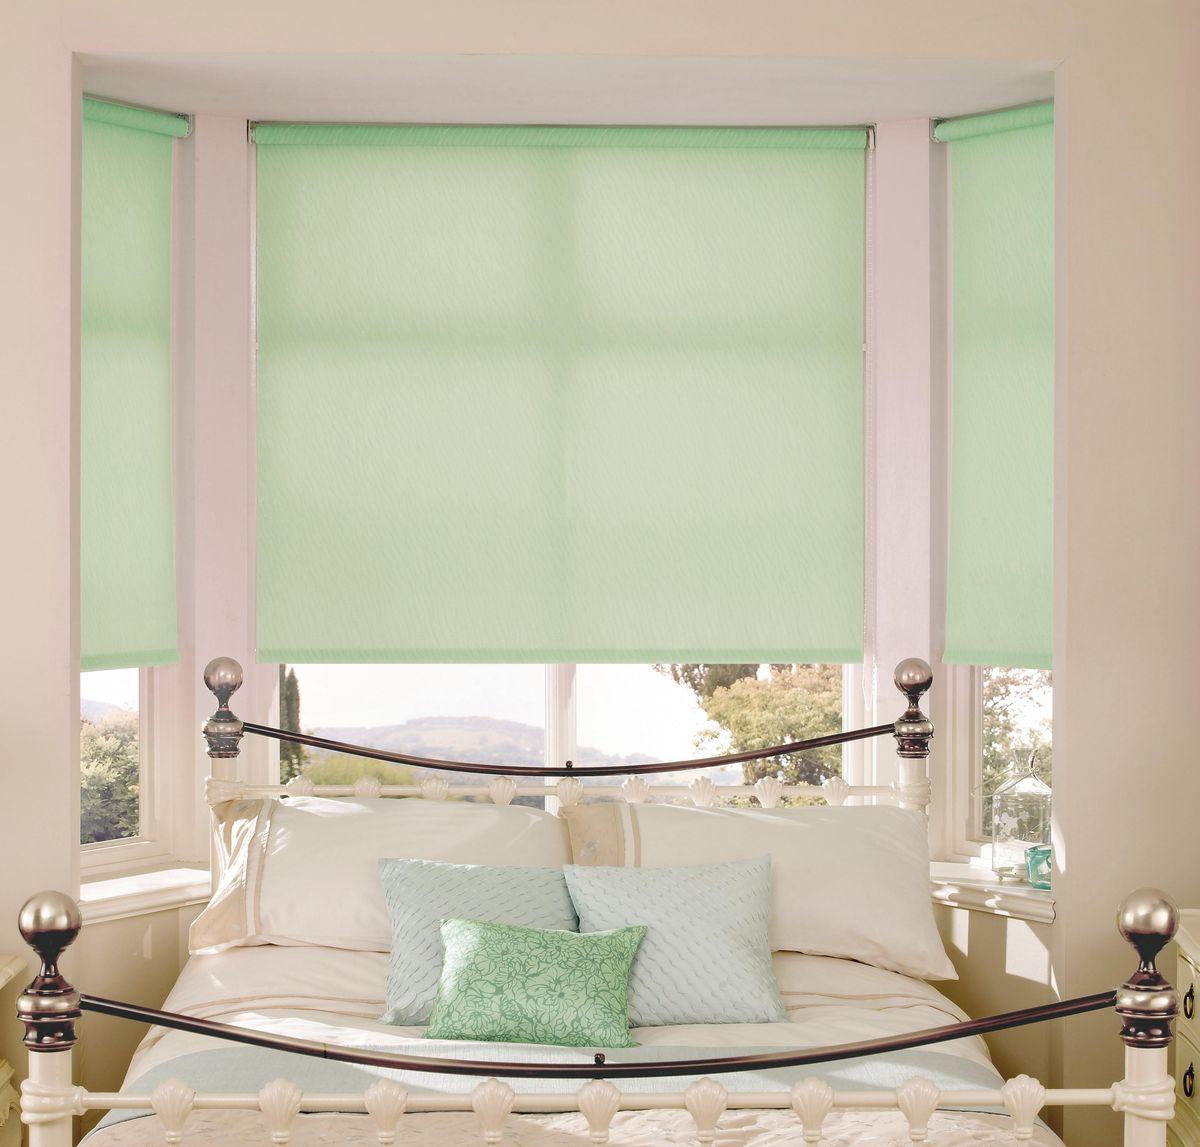 Штора рулонная Эскар, цвет: светло-зеленый, ширина 210 см, высота 170 см81017210170Рулонными шторами можно оформлять окна как самостоятельно, так и использовать в комбинации с портьерами. Это поможет предотвратить выгорание дорогой ткани на солнце и соединит функционал рулонных с красотой навесных. Преимущества применения рулонных штор для пластиковых окон: - имеют прекрасный внешний вид: многообразие и фактурность материала изделия отлично смотрятся в любом интерьере; - многофункциональны: есть возможность подобрать шторы способные эффективно защитить комнату от солнца, при этом она не будет слишком темной. - Есть возможность осуществить быстрый монтаж. ВНИМАНИЕ! Размеры ширины изделия указаны по ширине ткани! Во время эксплуатации не рекомендуется полностью разматывать рулон, чтобы не оторвать ткань от намоточного вала. В случае загрязнения поверхности ткани, чистку шторы проводят одним из способов, в зависимости от типа загрязнения: легкое поверхностное загрязнение можно удалить при помощи канцелярского ластика; чистка от пыли производится сухим методом при...